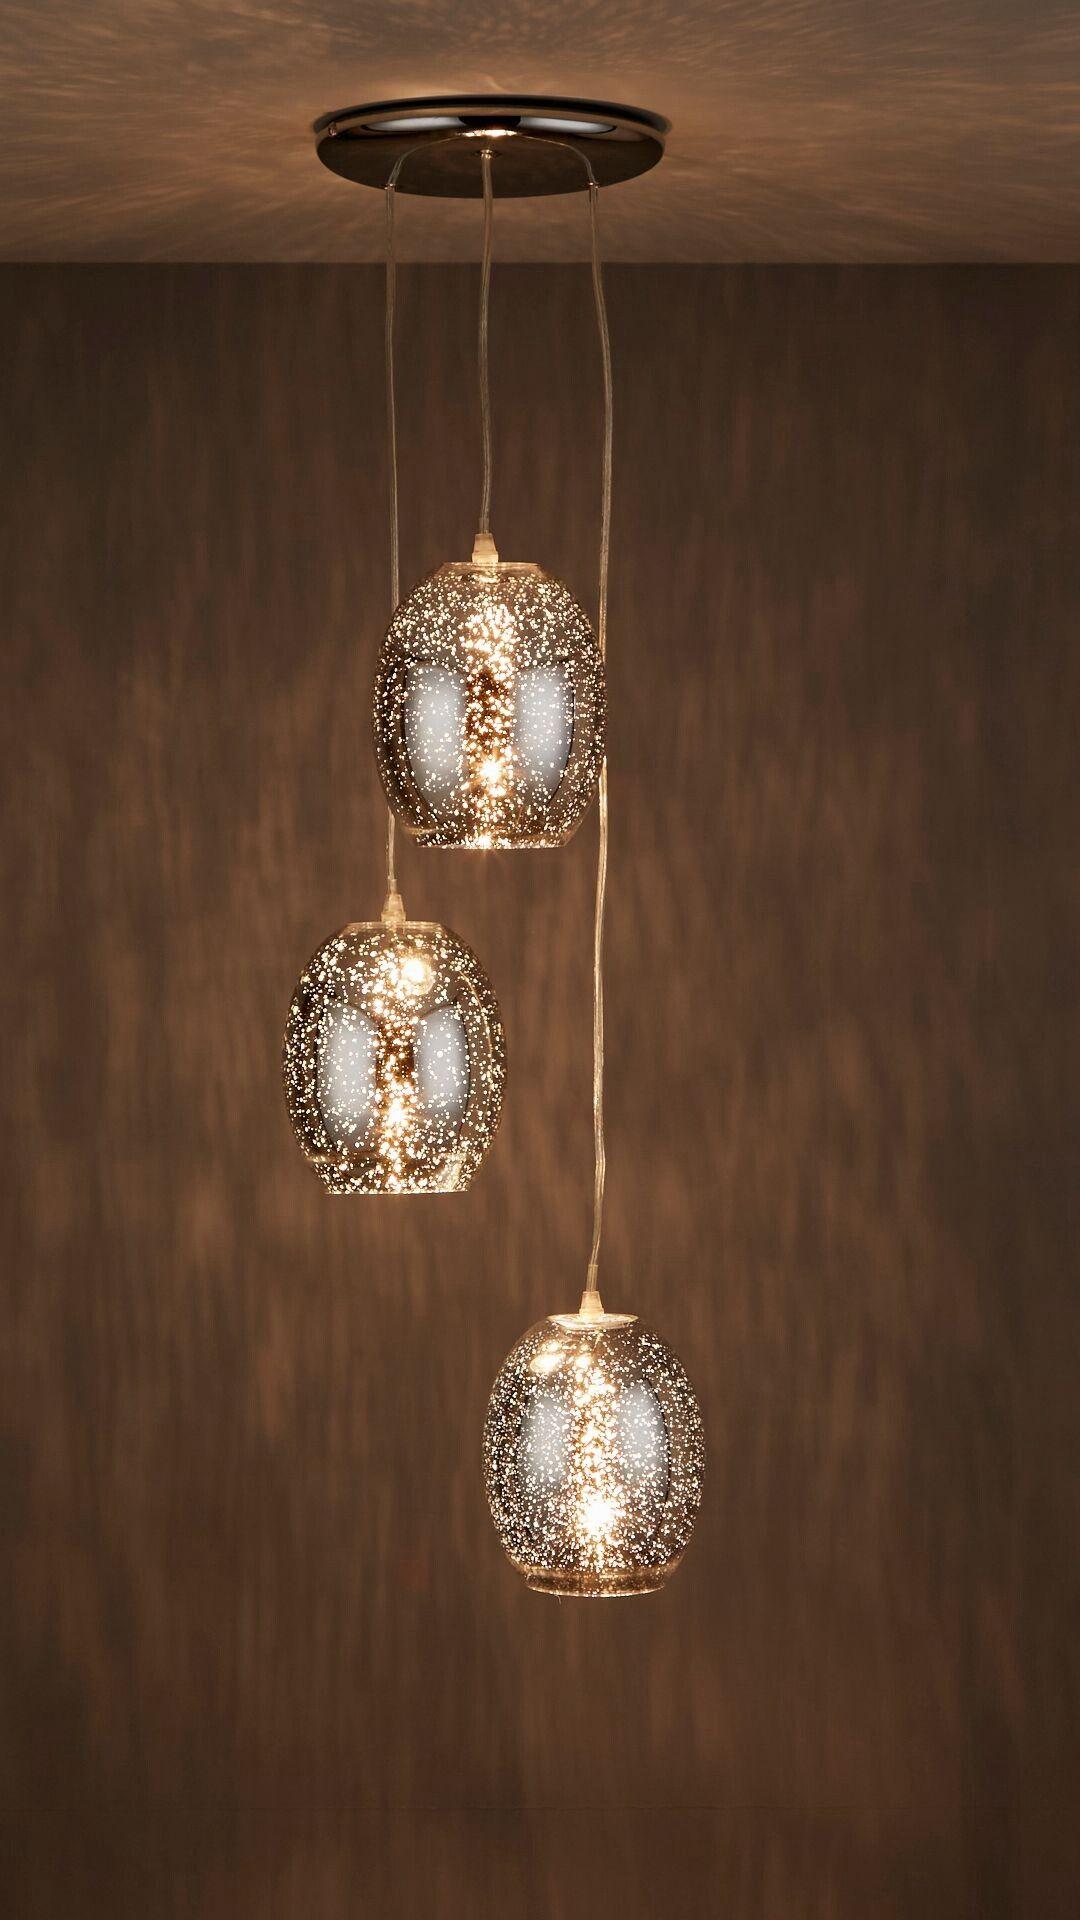 Diy.co.uk light fitting for over dinning table | Light ...